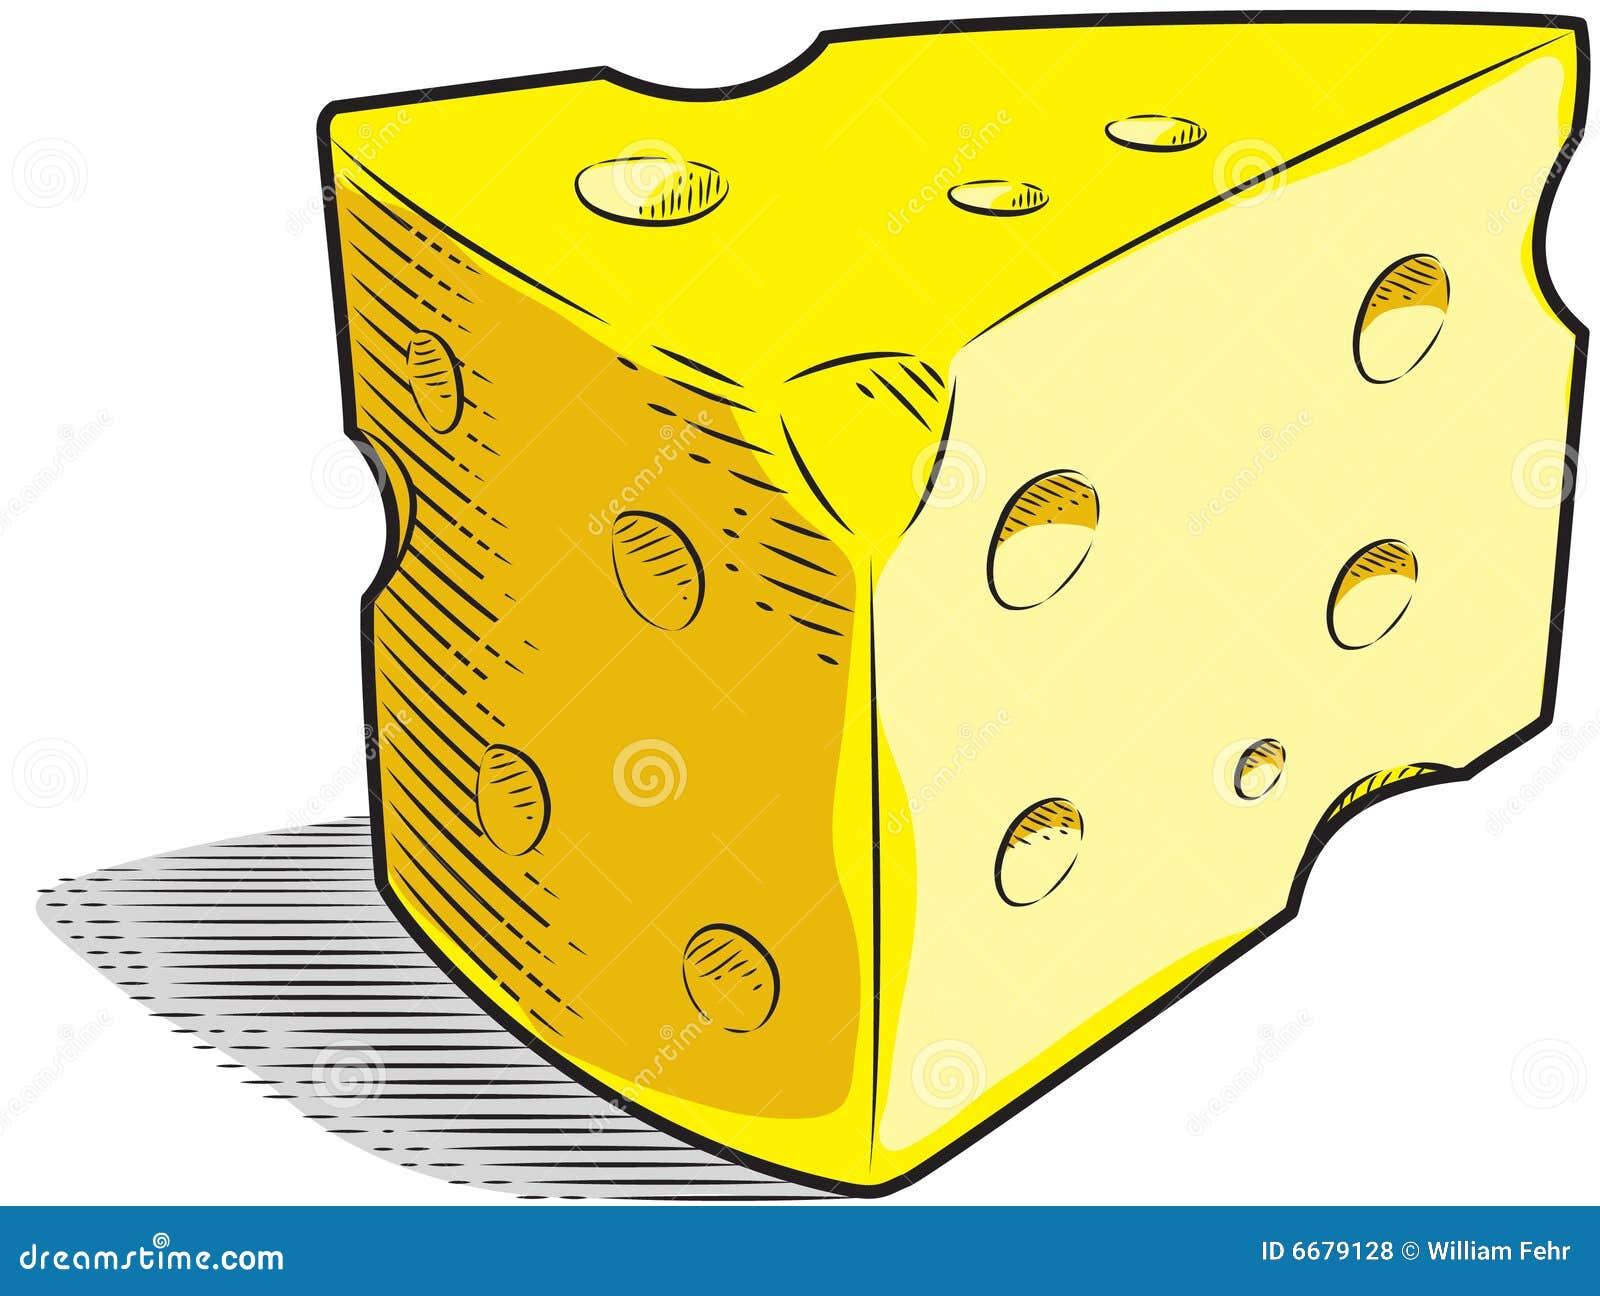 Käse clipart schwarz weiß  Schweizer Käse Lizenzfreie Stockfotos - Bild: 6679128